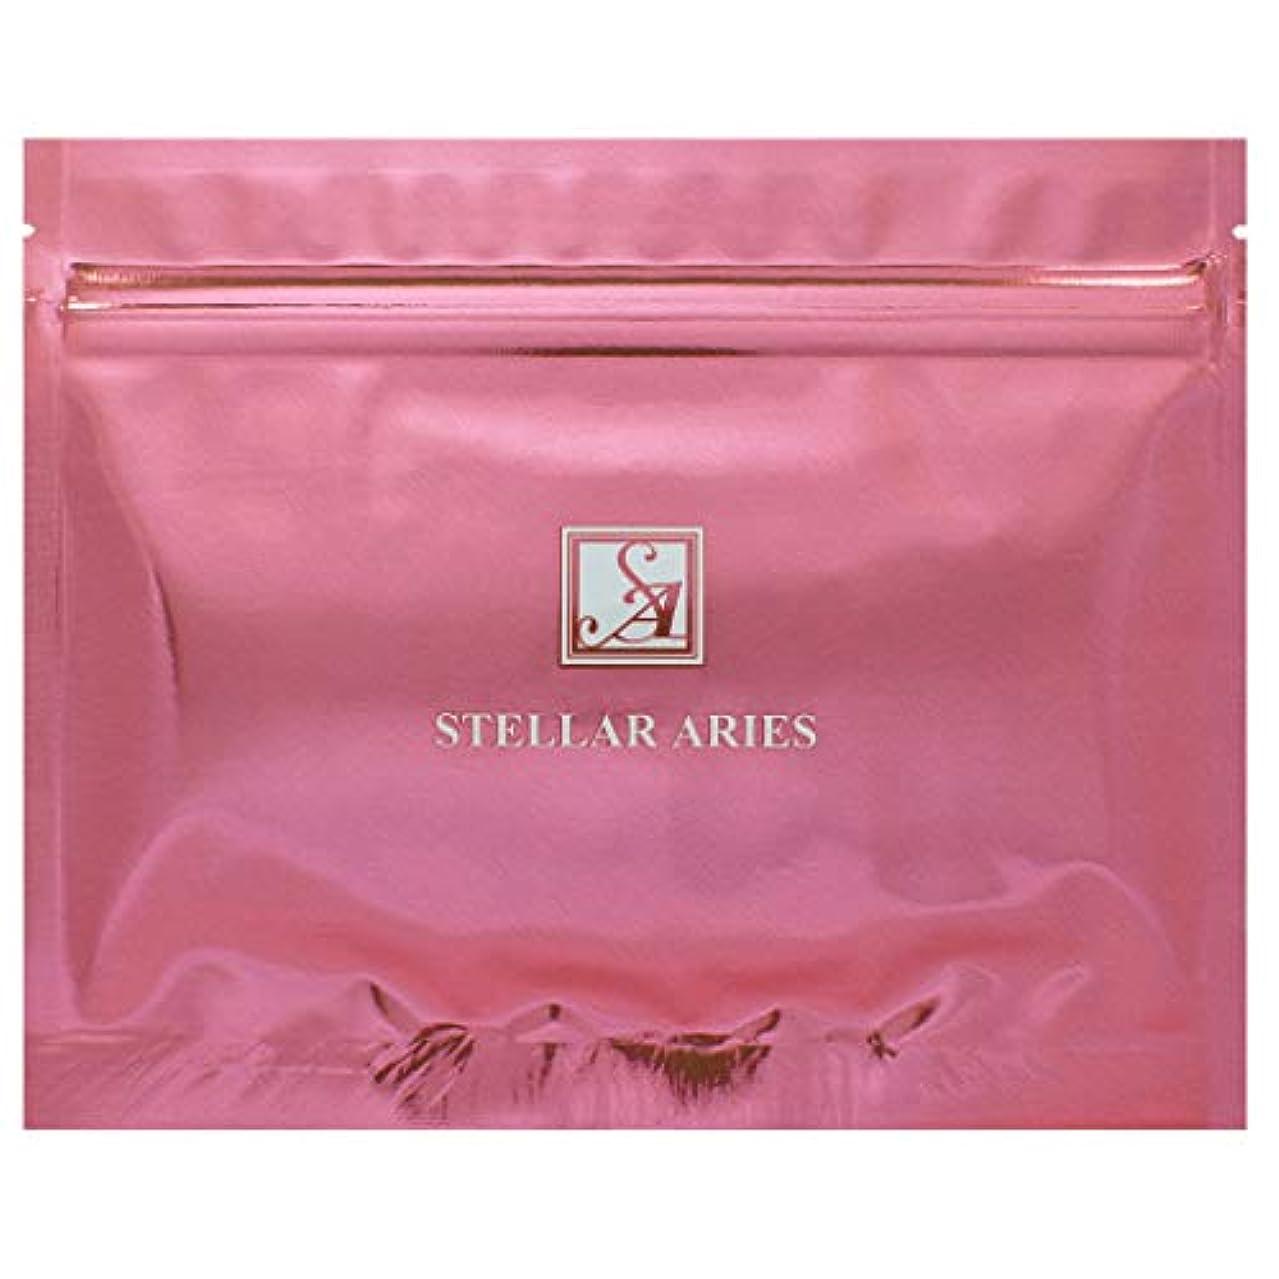 思春期ソブリケット原点ステラアリエス 化粧水 国産 プラセンタ 1.0ml×30包 個包装